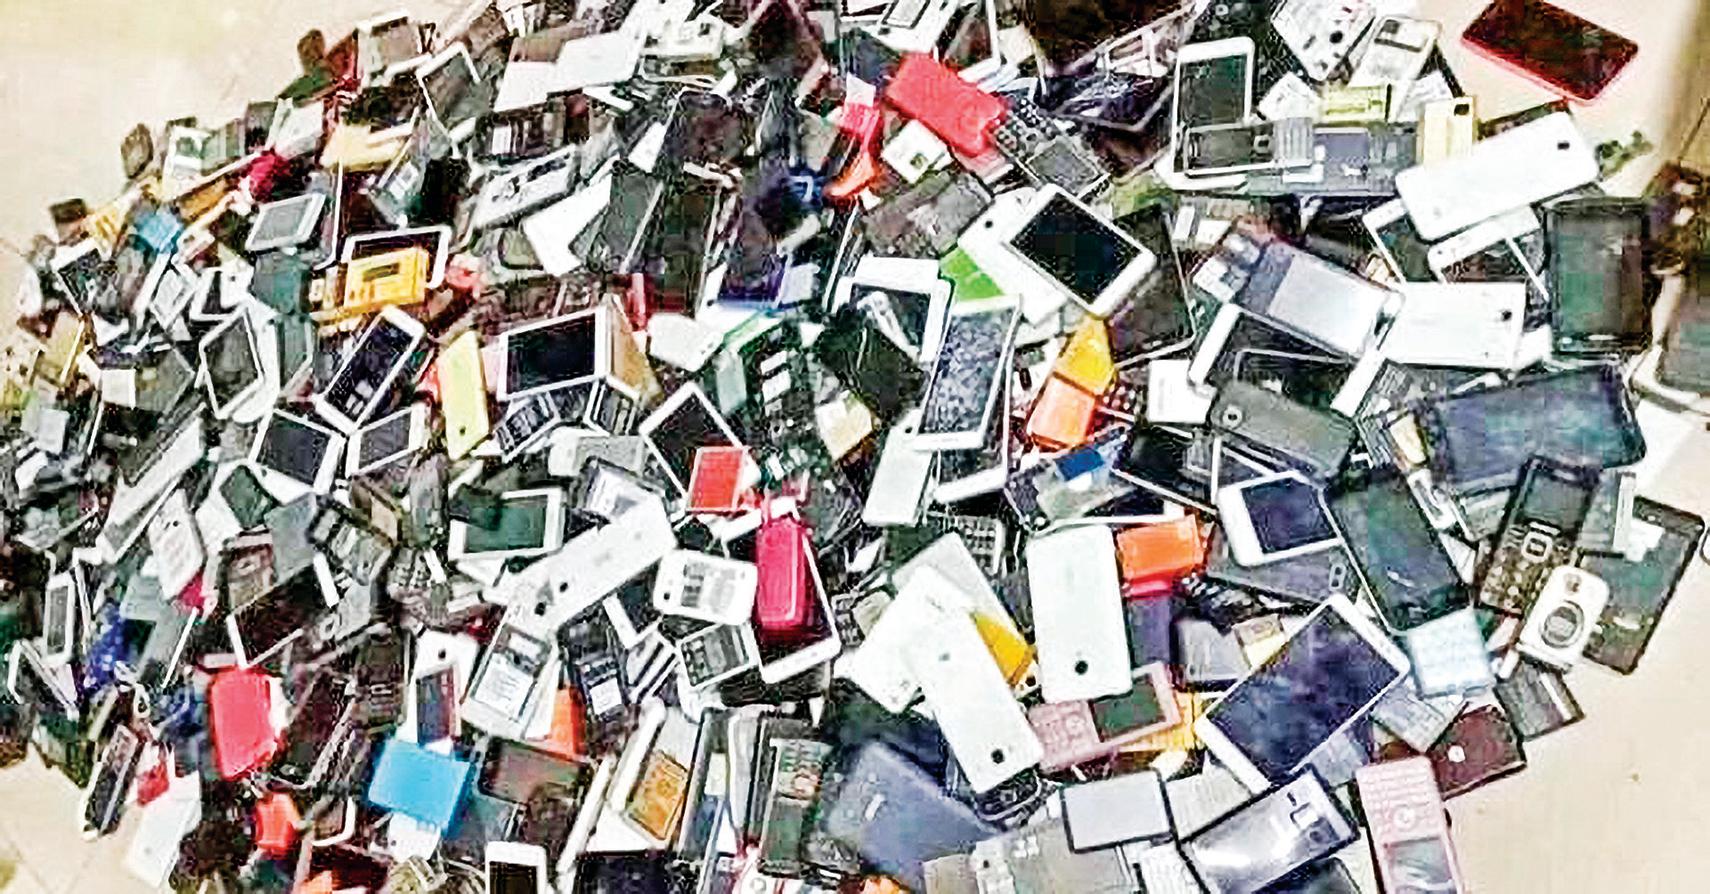 武漢肺炎期間,醫院裏出現大量失去主人的手機、殯葬館扔滿地手機、大陸三大移動通訊商也暴減了兩千多萬手機卡用戶。也許機主早已化為灰燼。(網絡圖片)